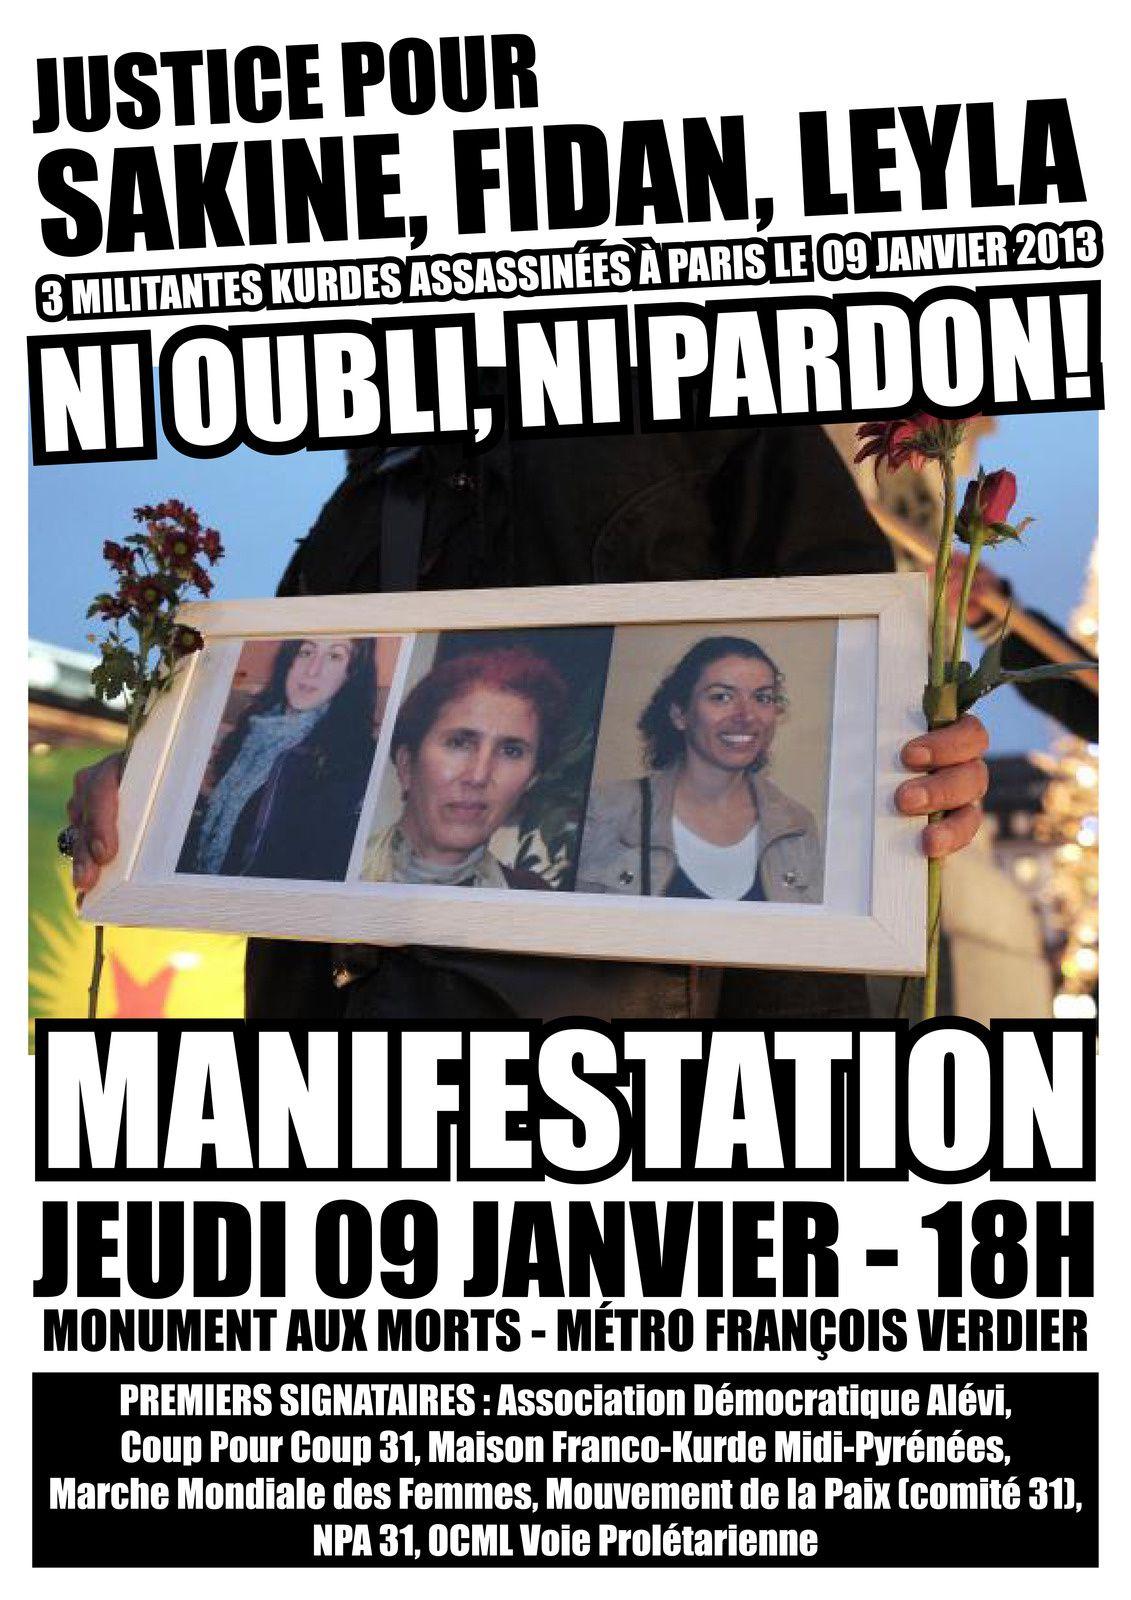 Manif le 09 janvier : justice pour Sakine, Fidan et Leyla !